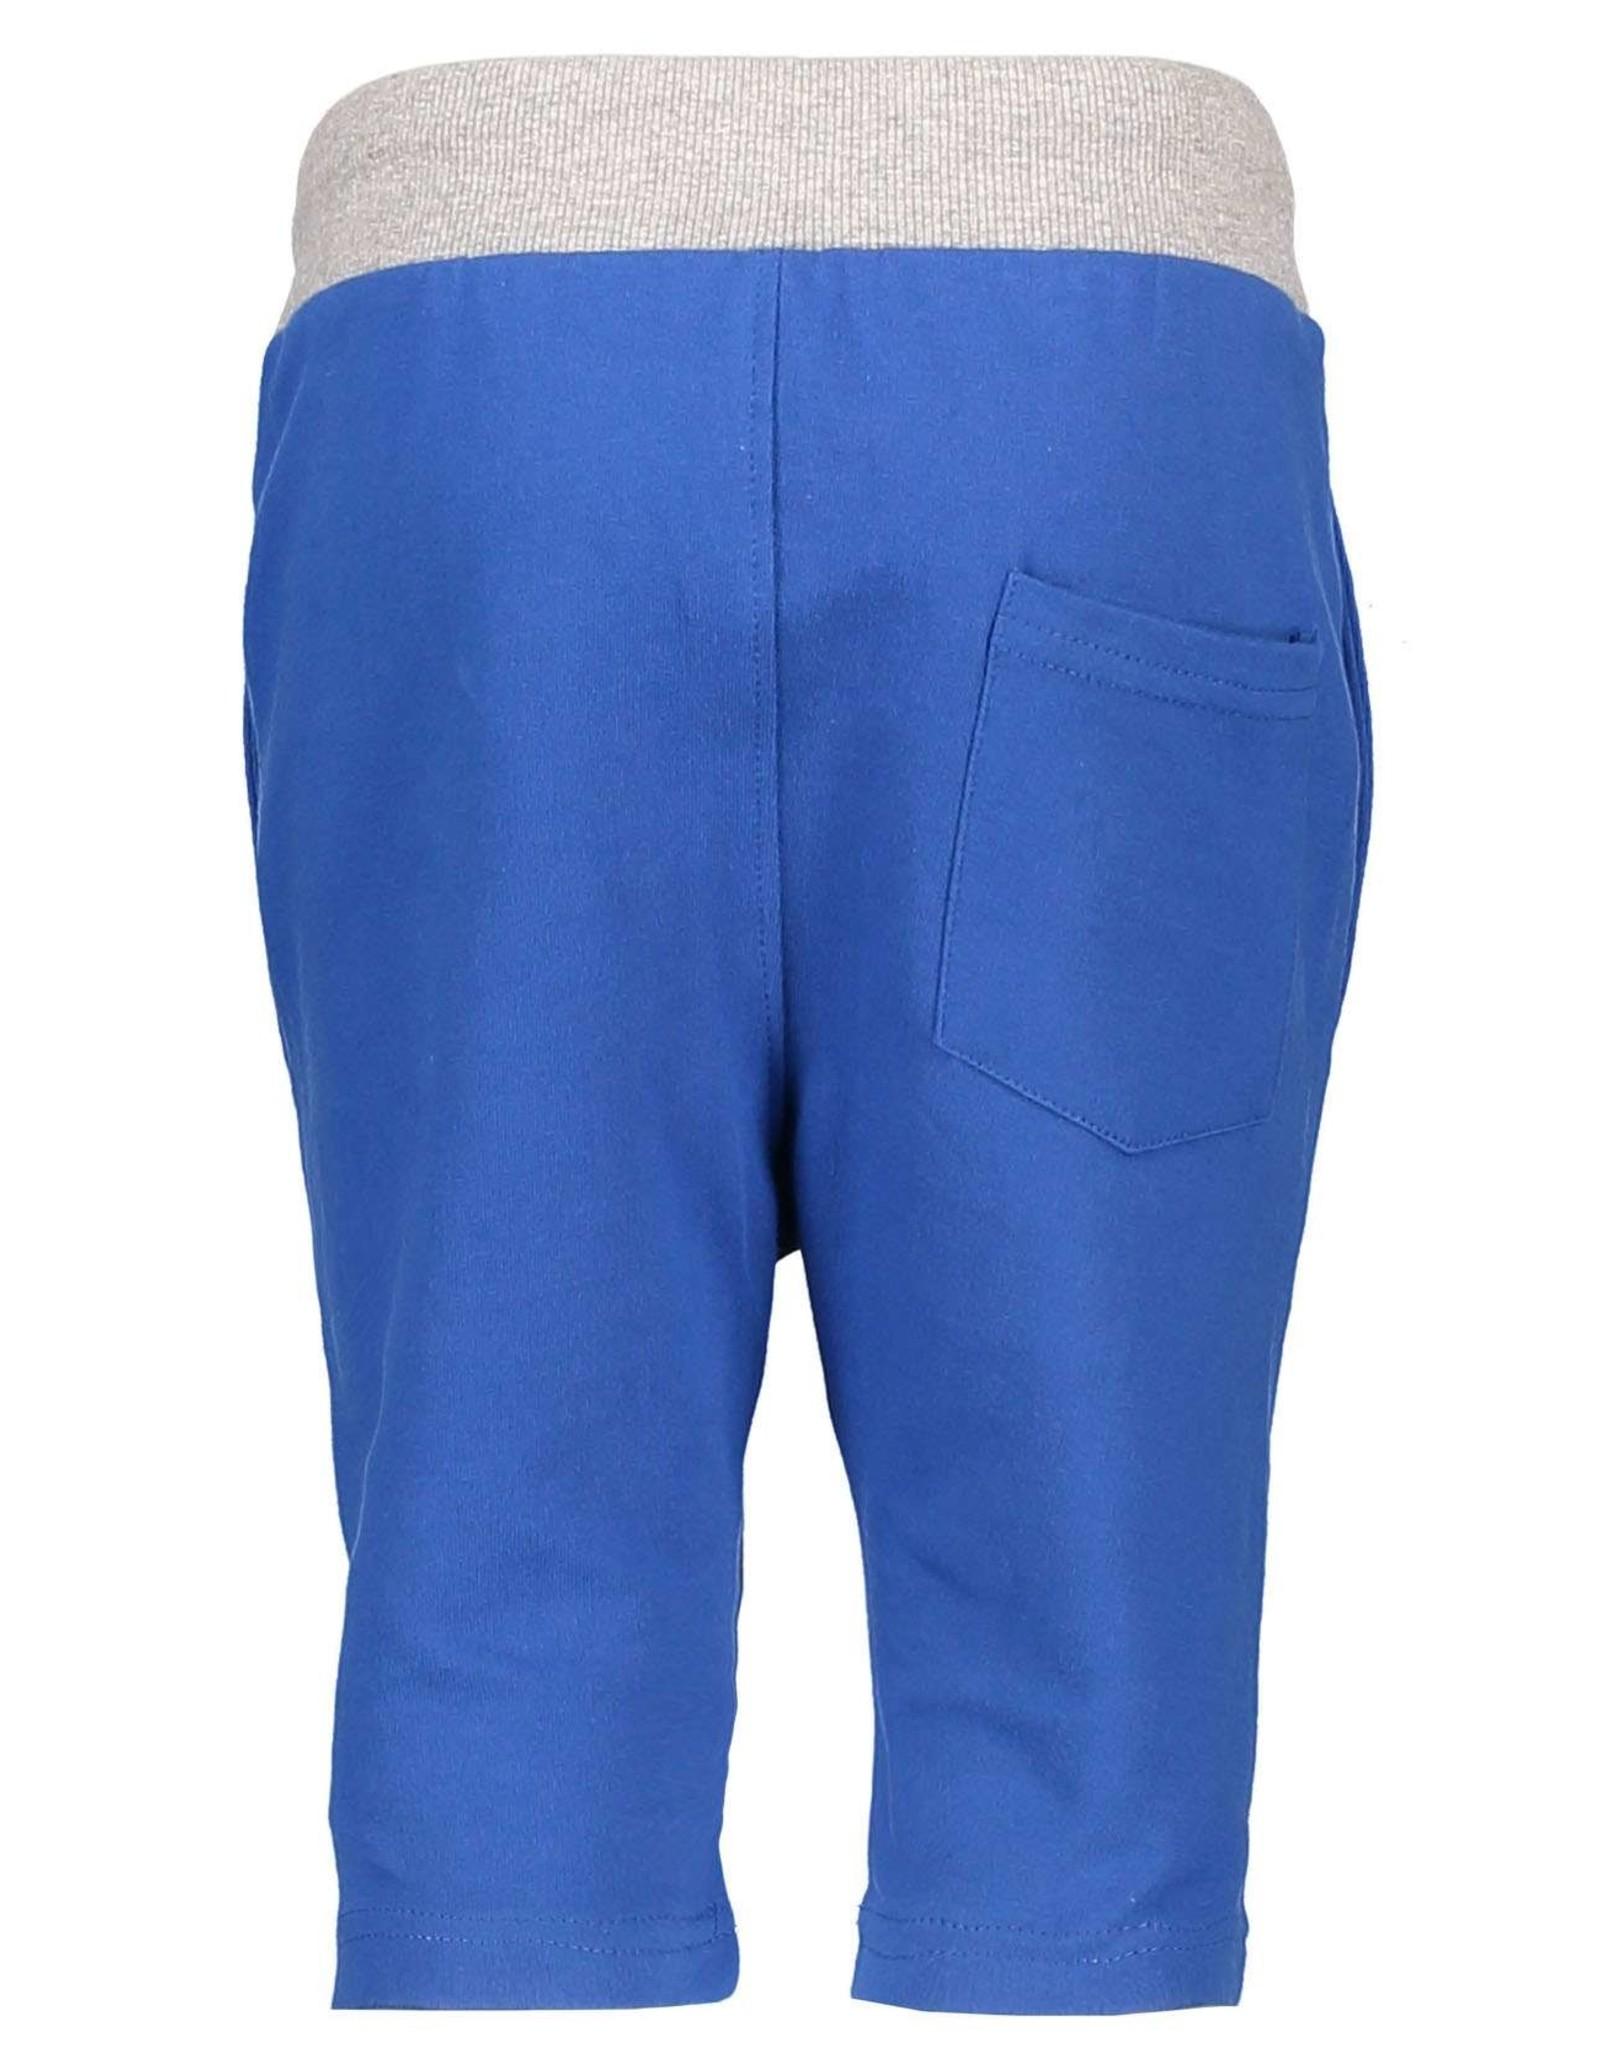 Moodstreet Fellow Moodstreet Fellow Sweat Short Sporty Blue